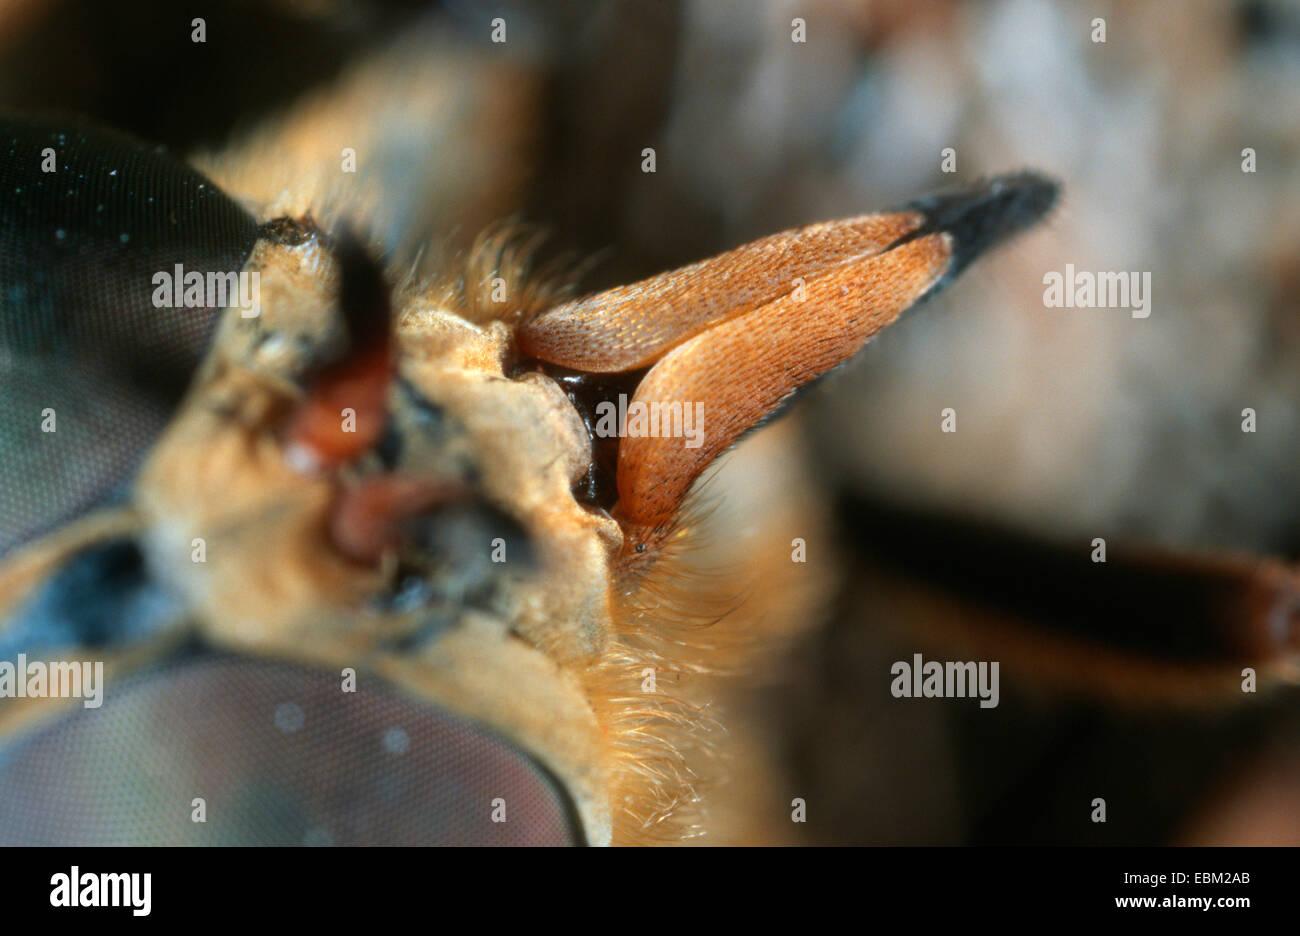 horsefly (Tabanus sudeticus), stinging instrument - Stock Image